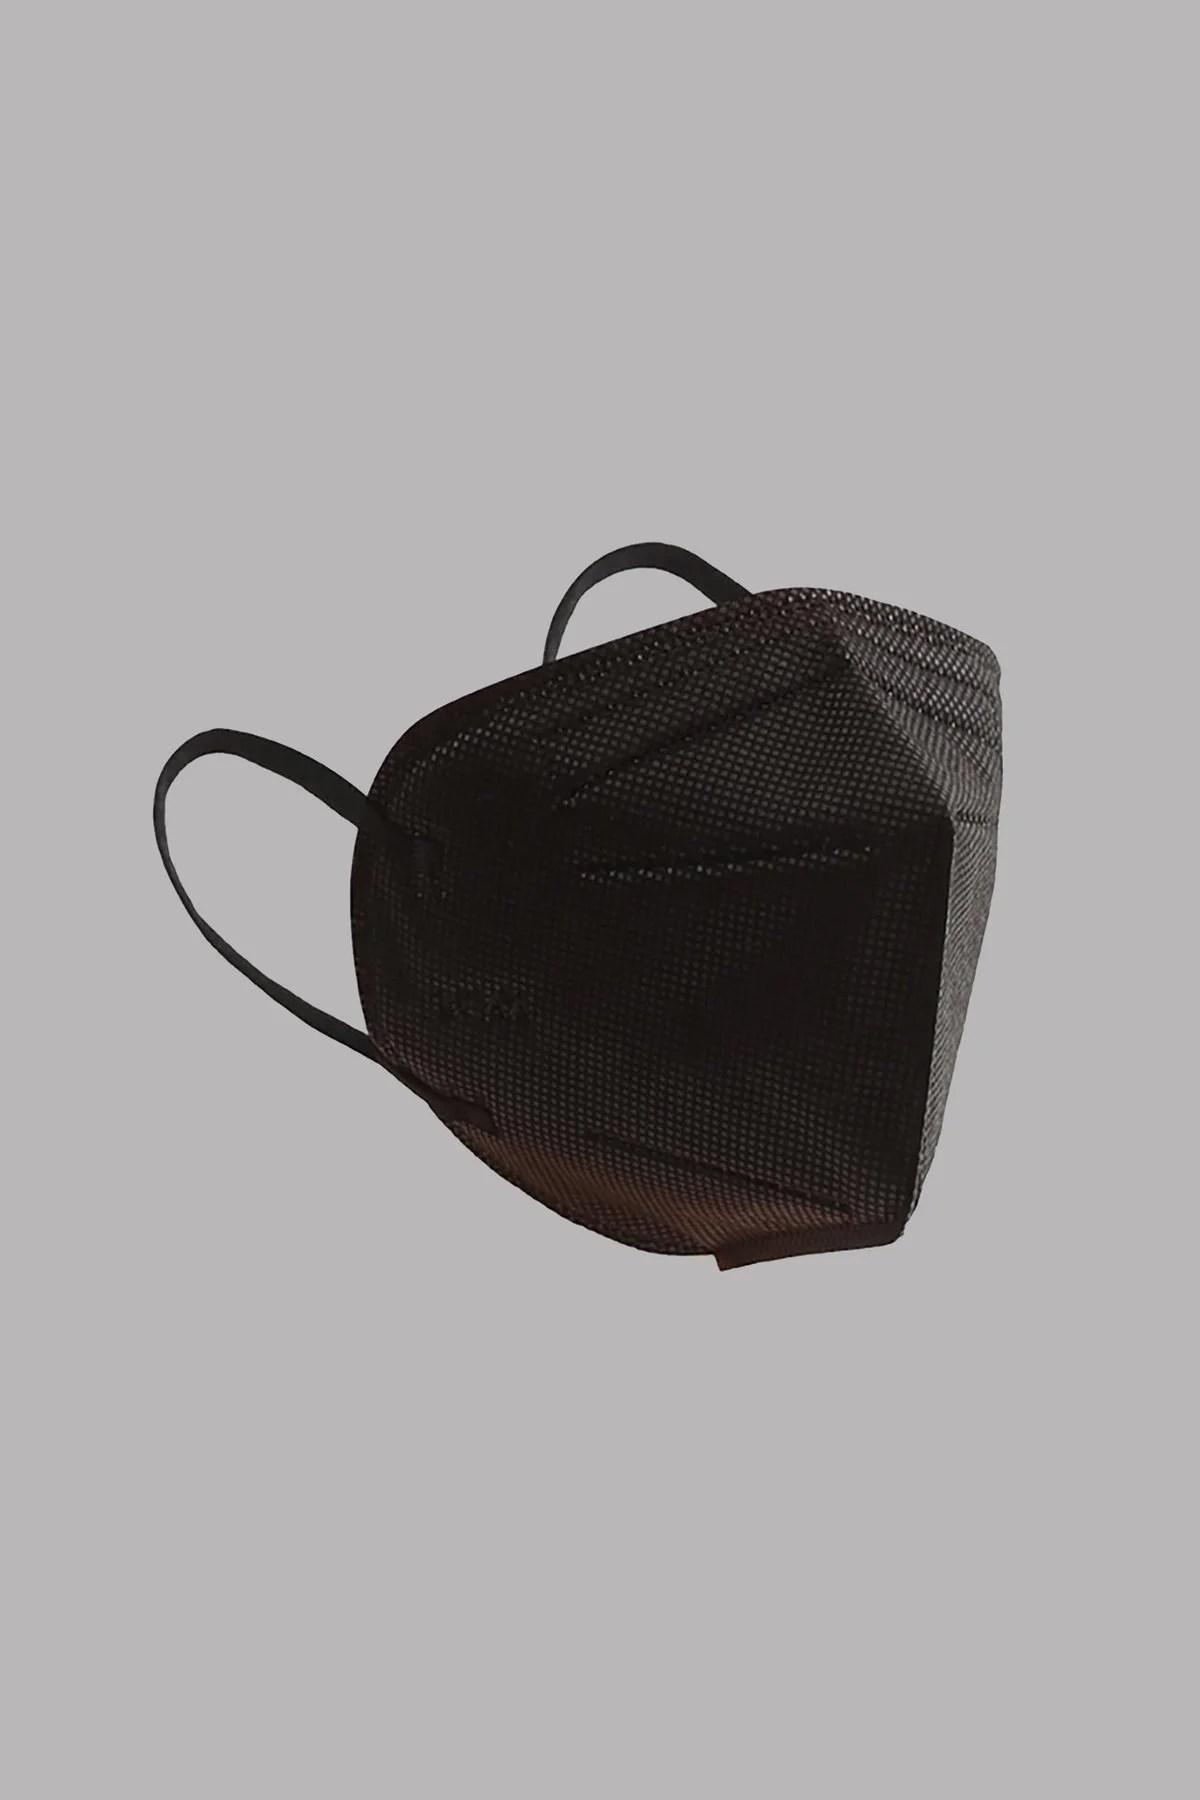 BLACK KN95 FACE MASKS - 10 PACK